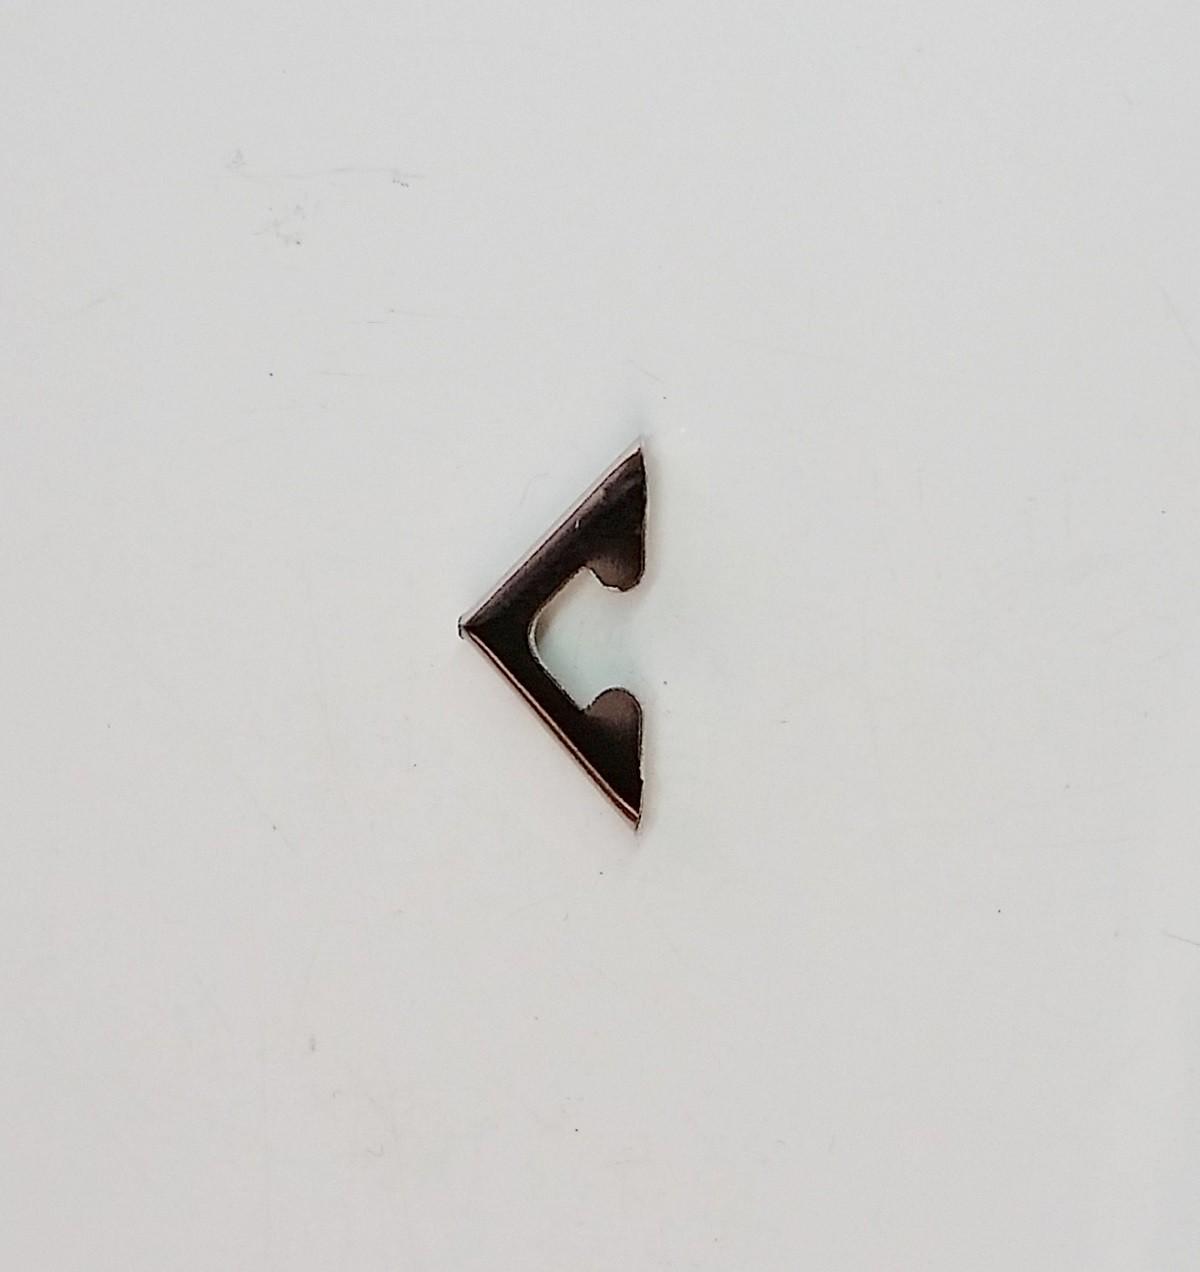 CANTO P/ CAIXA 15MM X 15MM NIQUELADO